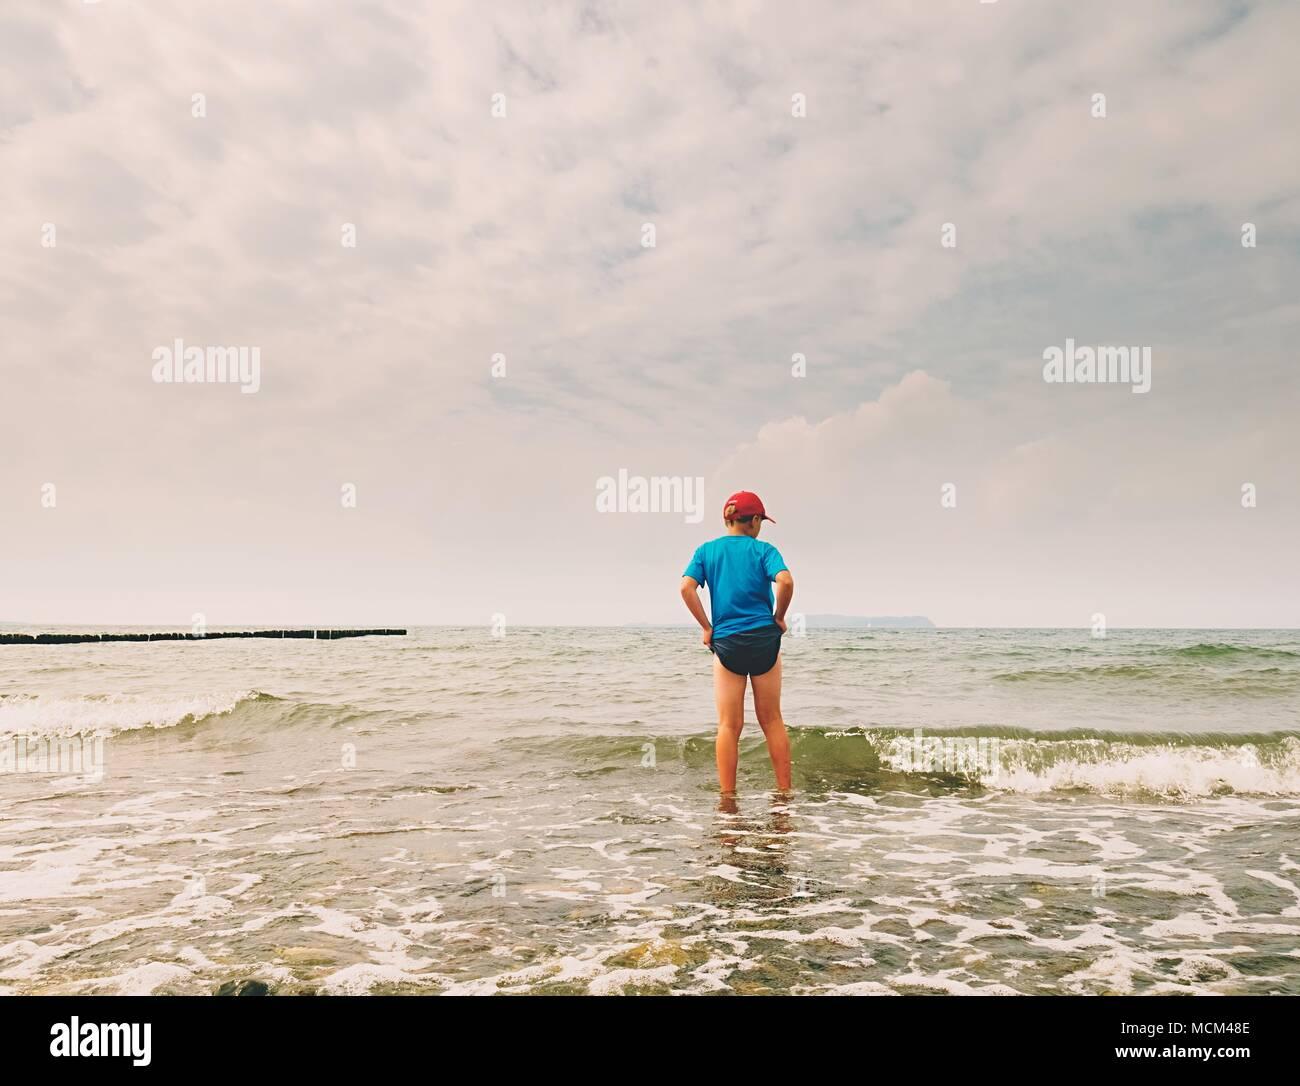 Crianças na praia ir para o oceano. O miúdo jogar nas ondas do mar espumoso. Imagens de Stock